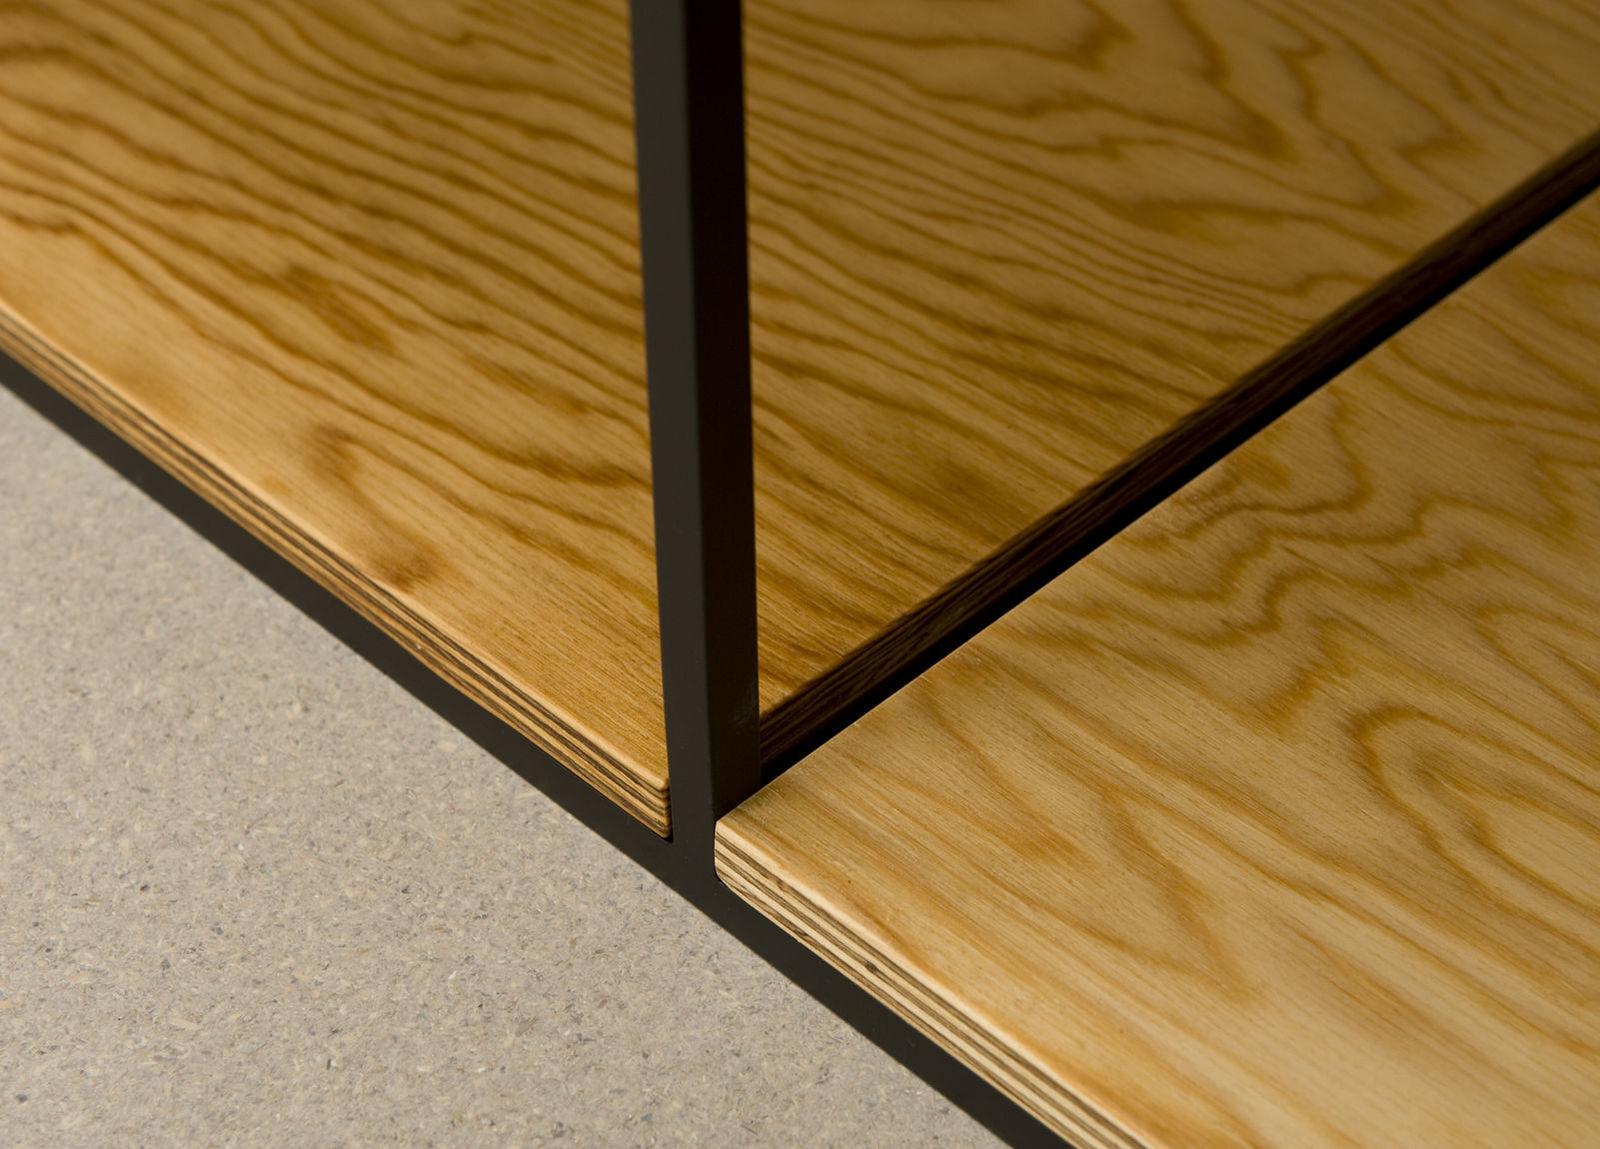 tischplatte holz natur neuesten design kollektionen f r die familien. Black Bedroom Furniture Sets. Home Design Ideas